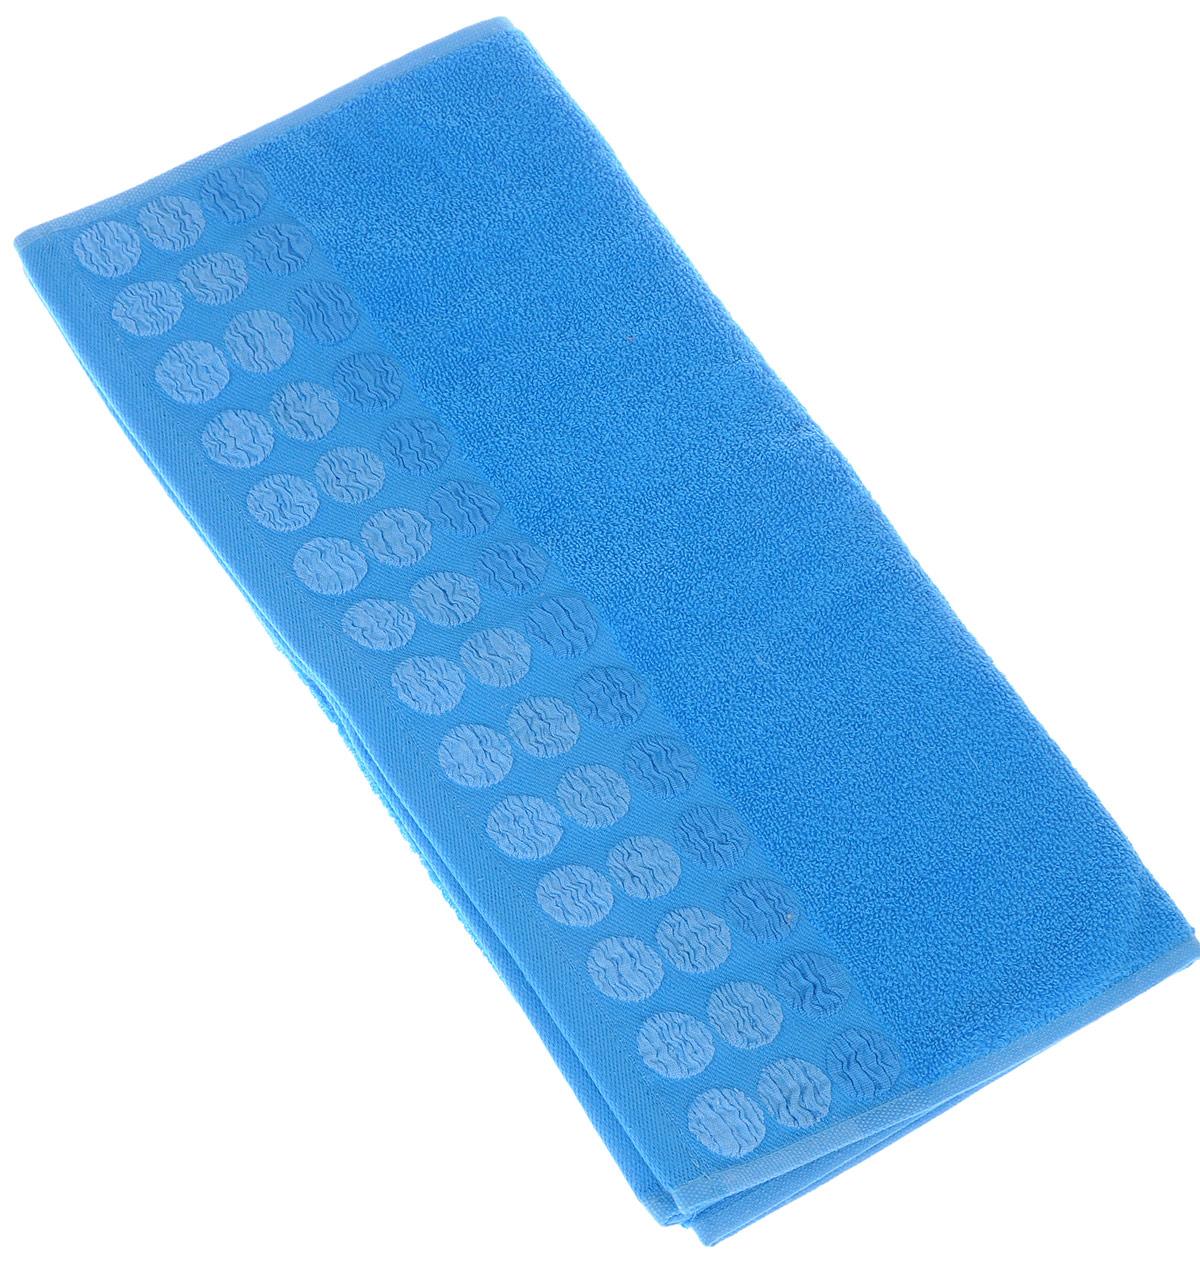 Полотенце Brielle Point, цвет: синий, 50 х 90 см68/5/2Полотенце Brielle Point выполнено из 100% хлопка. Изделие очень мягкое, оно отлично впитывает влагу, быстро сохнет, сохраняет яркость цвета и не теряет формы даже после многократных стирок. Модель оформлена рисунком.Полотенце Brielle Point очень практично и неприхотливо в уходе. Такое полотенце послужит приятным подарком.